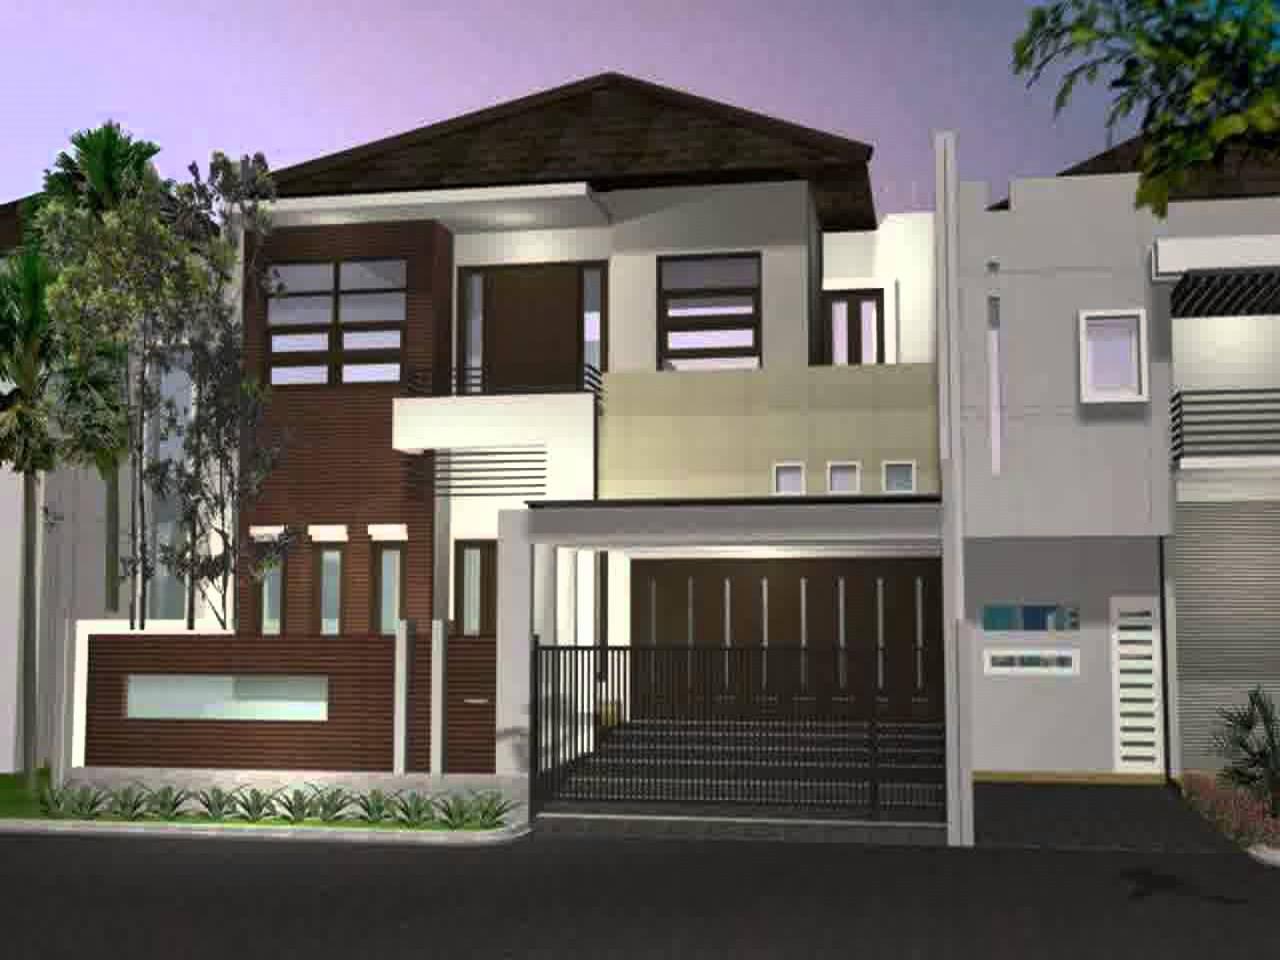 107 Denah Rumah Minimalis Modern Mewah | Gambar Desain Rumah Minimalis